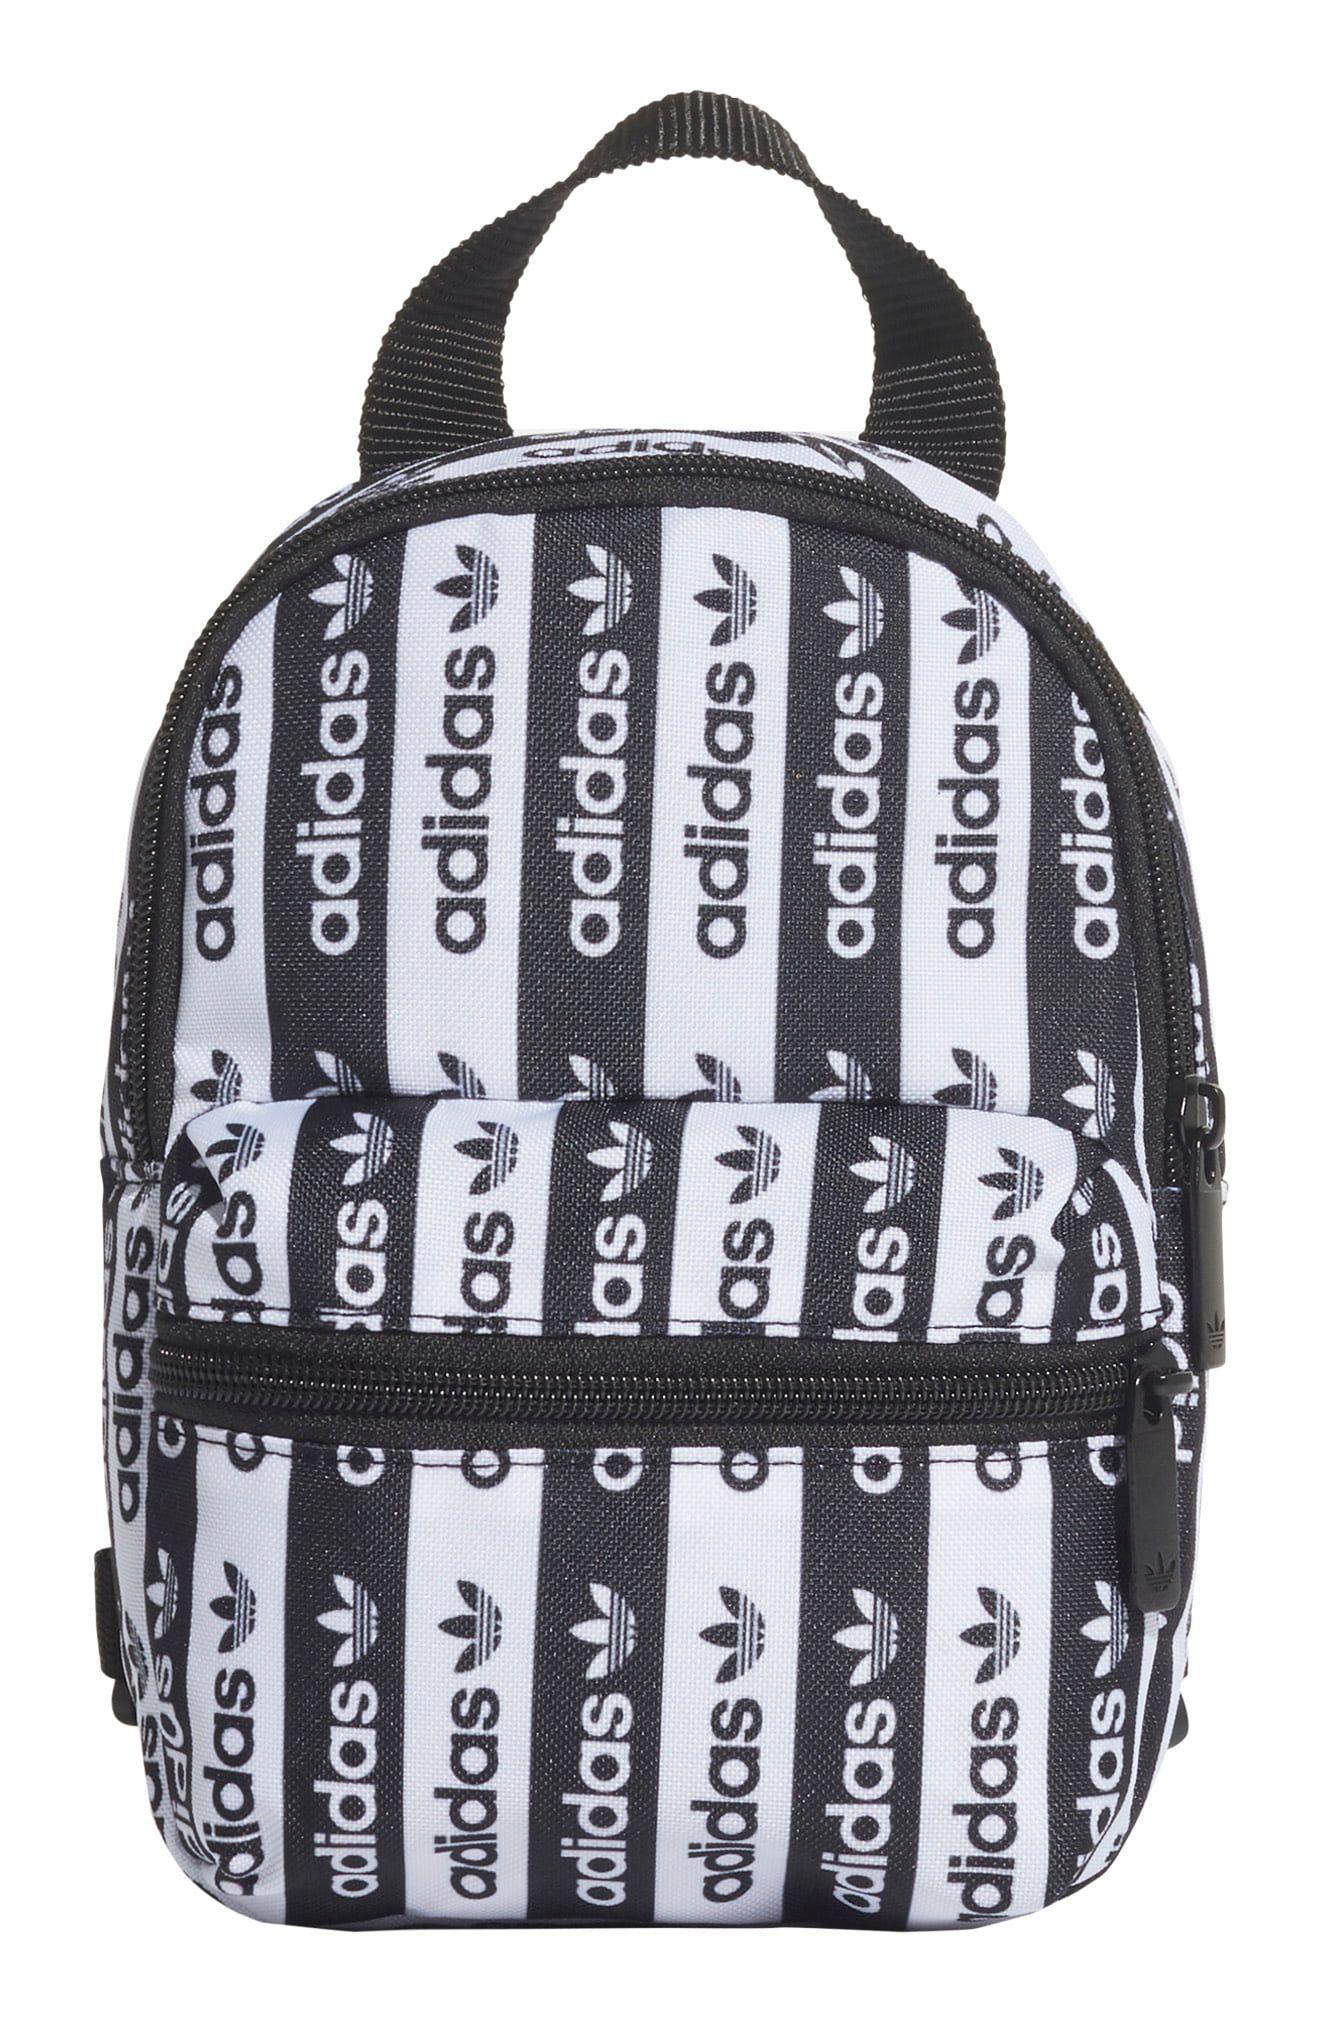 brillante El propietario surf  Adidas Originals R.y.v. Mini Backpack - Black in 2020 | Mini backpack,  Backpacks, Adidas originals fashion